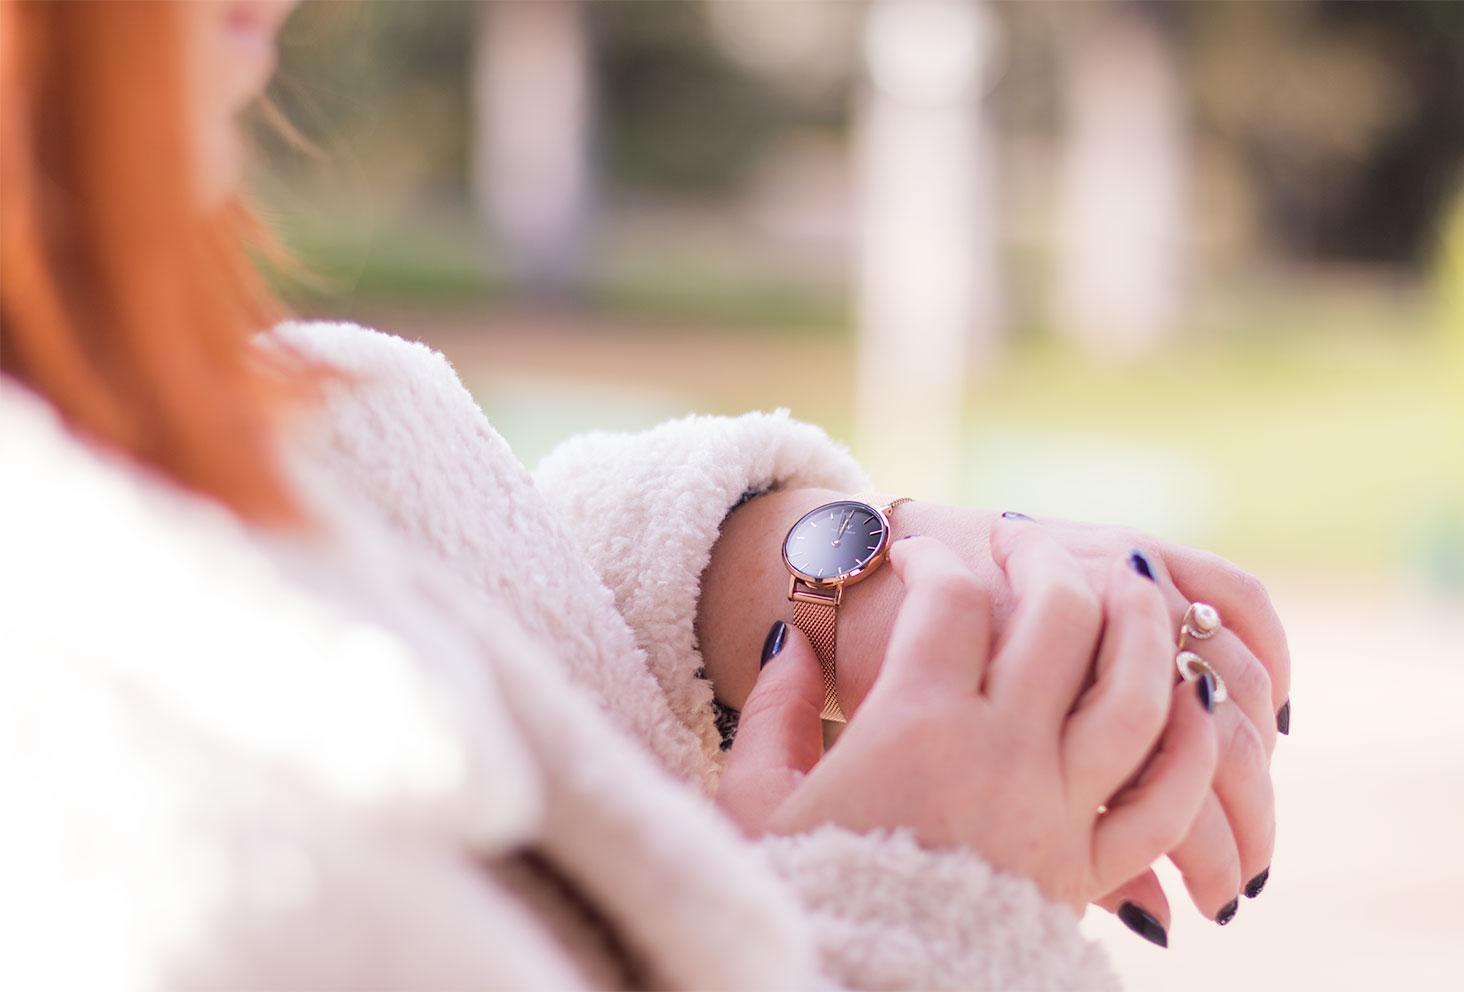 La montre Classic petite Melrose portée avec un gros manteau en moumoute beige